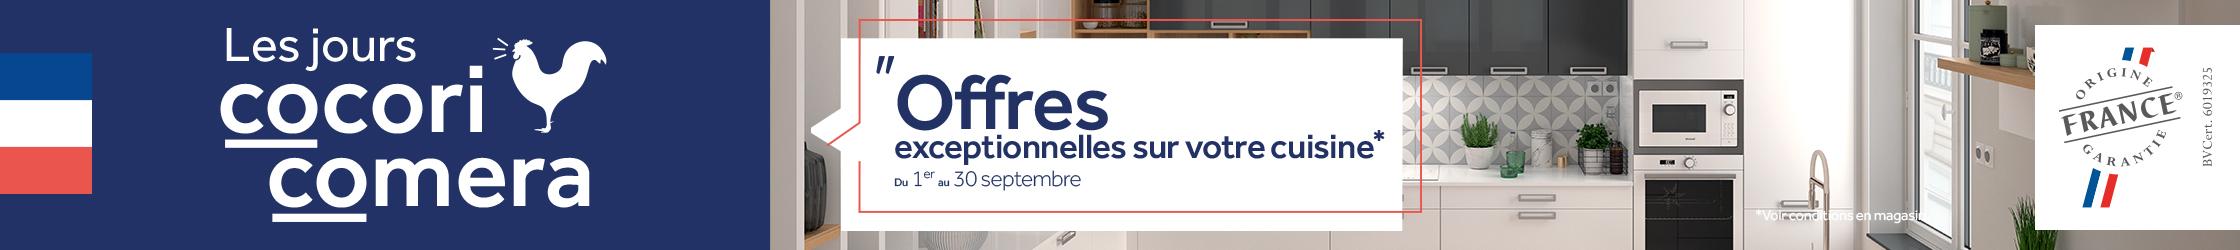 offres-exceptionnelles-cuisines-sur-mesure-francaises-comera-cuisines